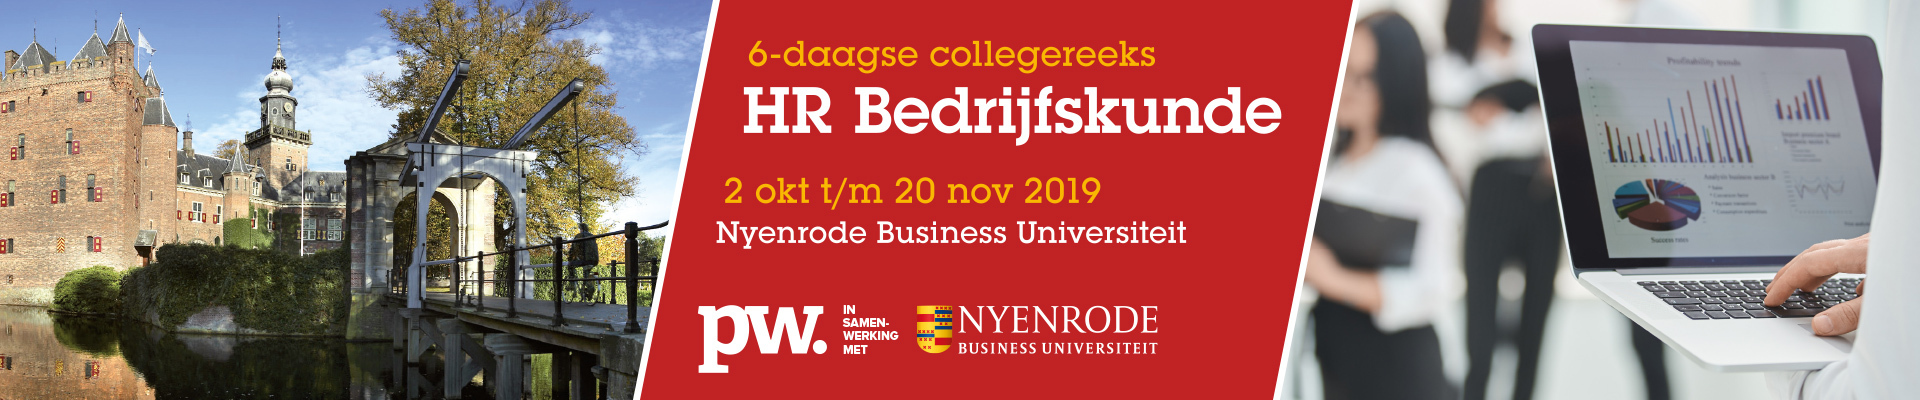 Bedrijfskunde voor HR najaar (Nyenrode)  2019